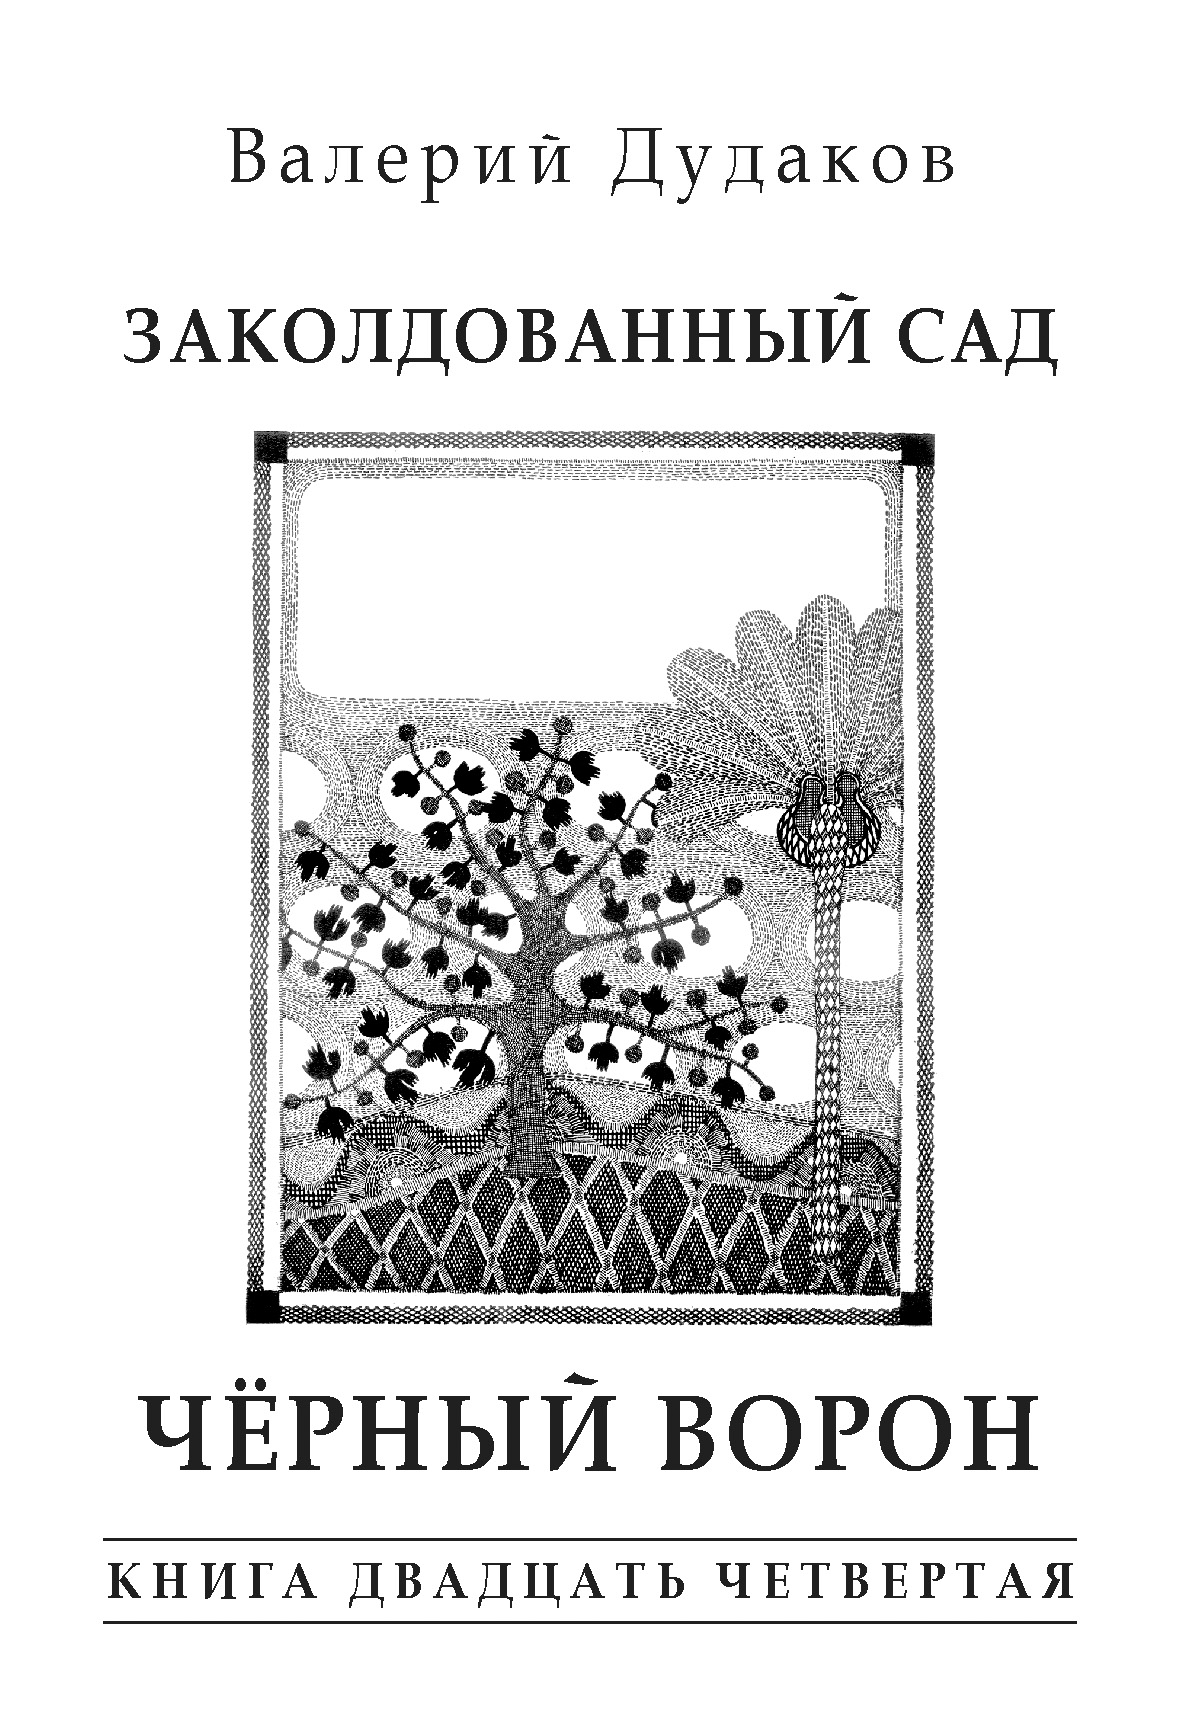 Валерий Дудаков Заколдованный сад. Черный ворон